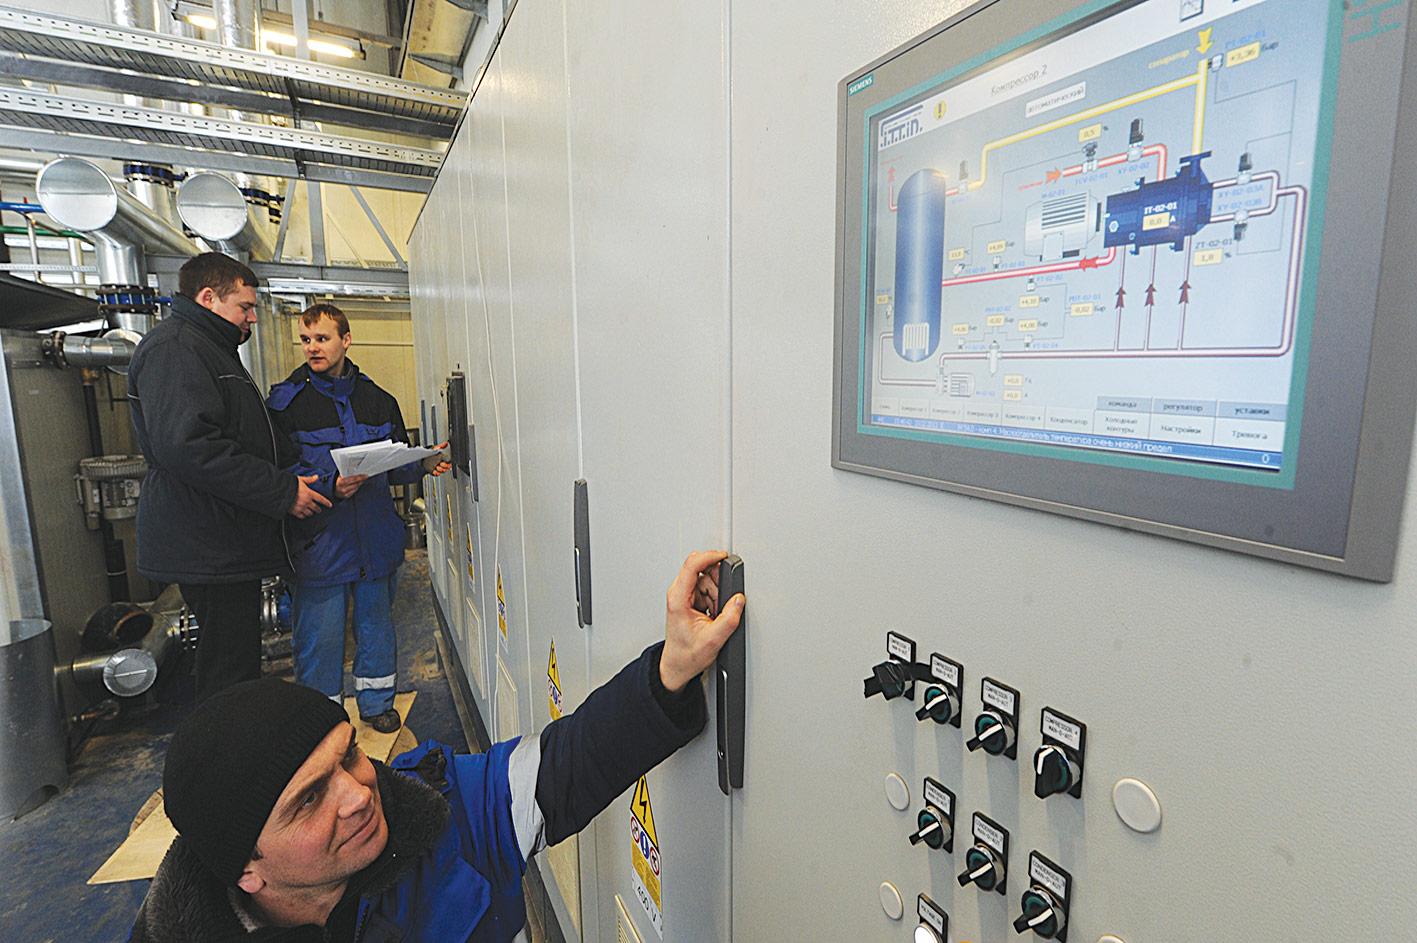 Технология рассчитана на переработку 600 тонн молока в смену.  Аммиачная установка работает на одну температуру...